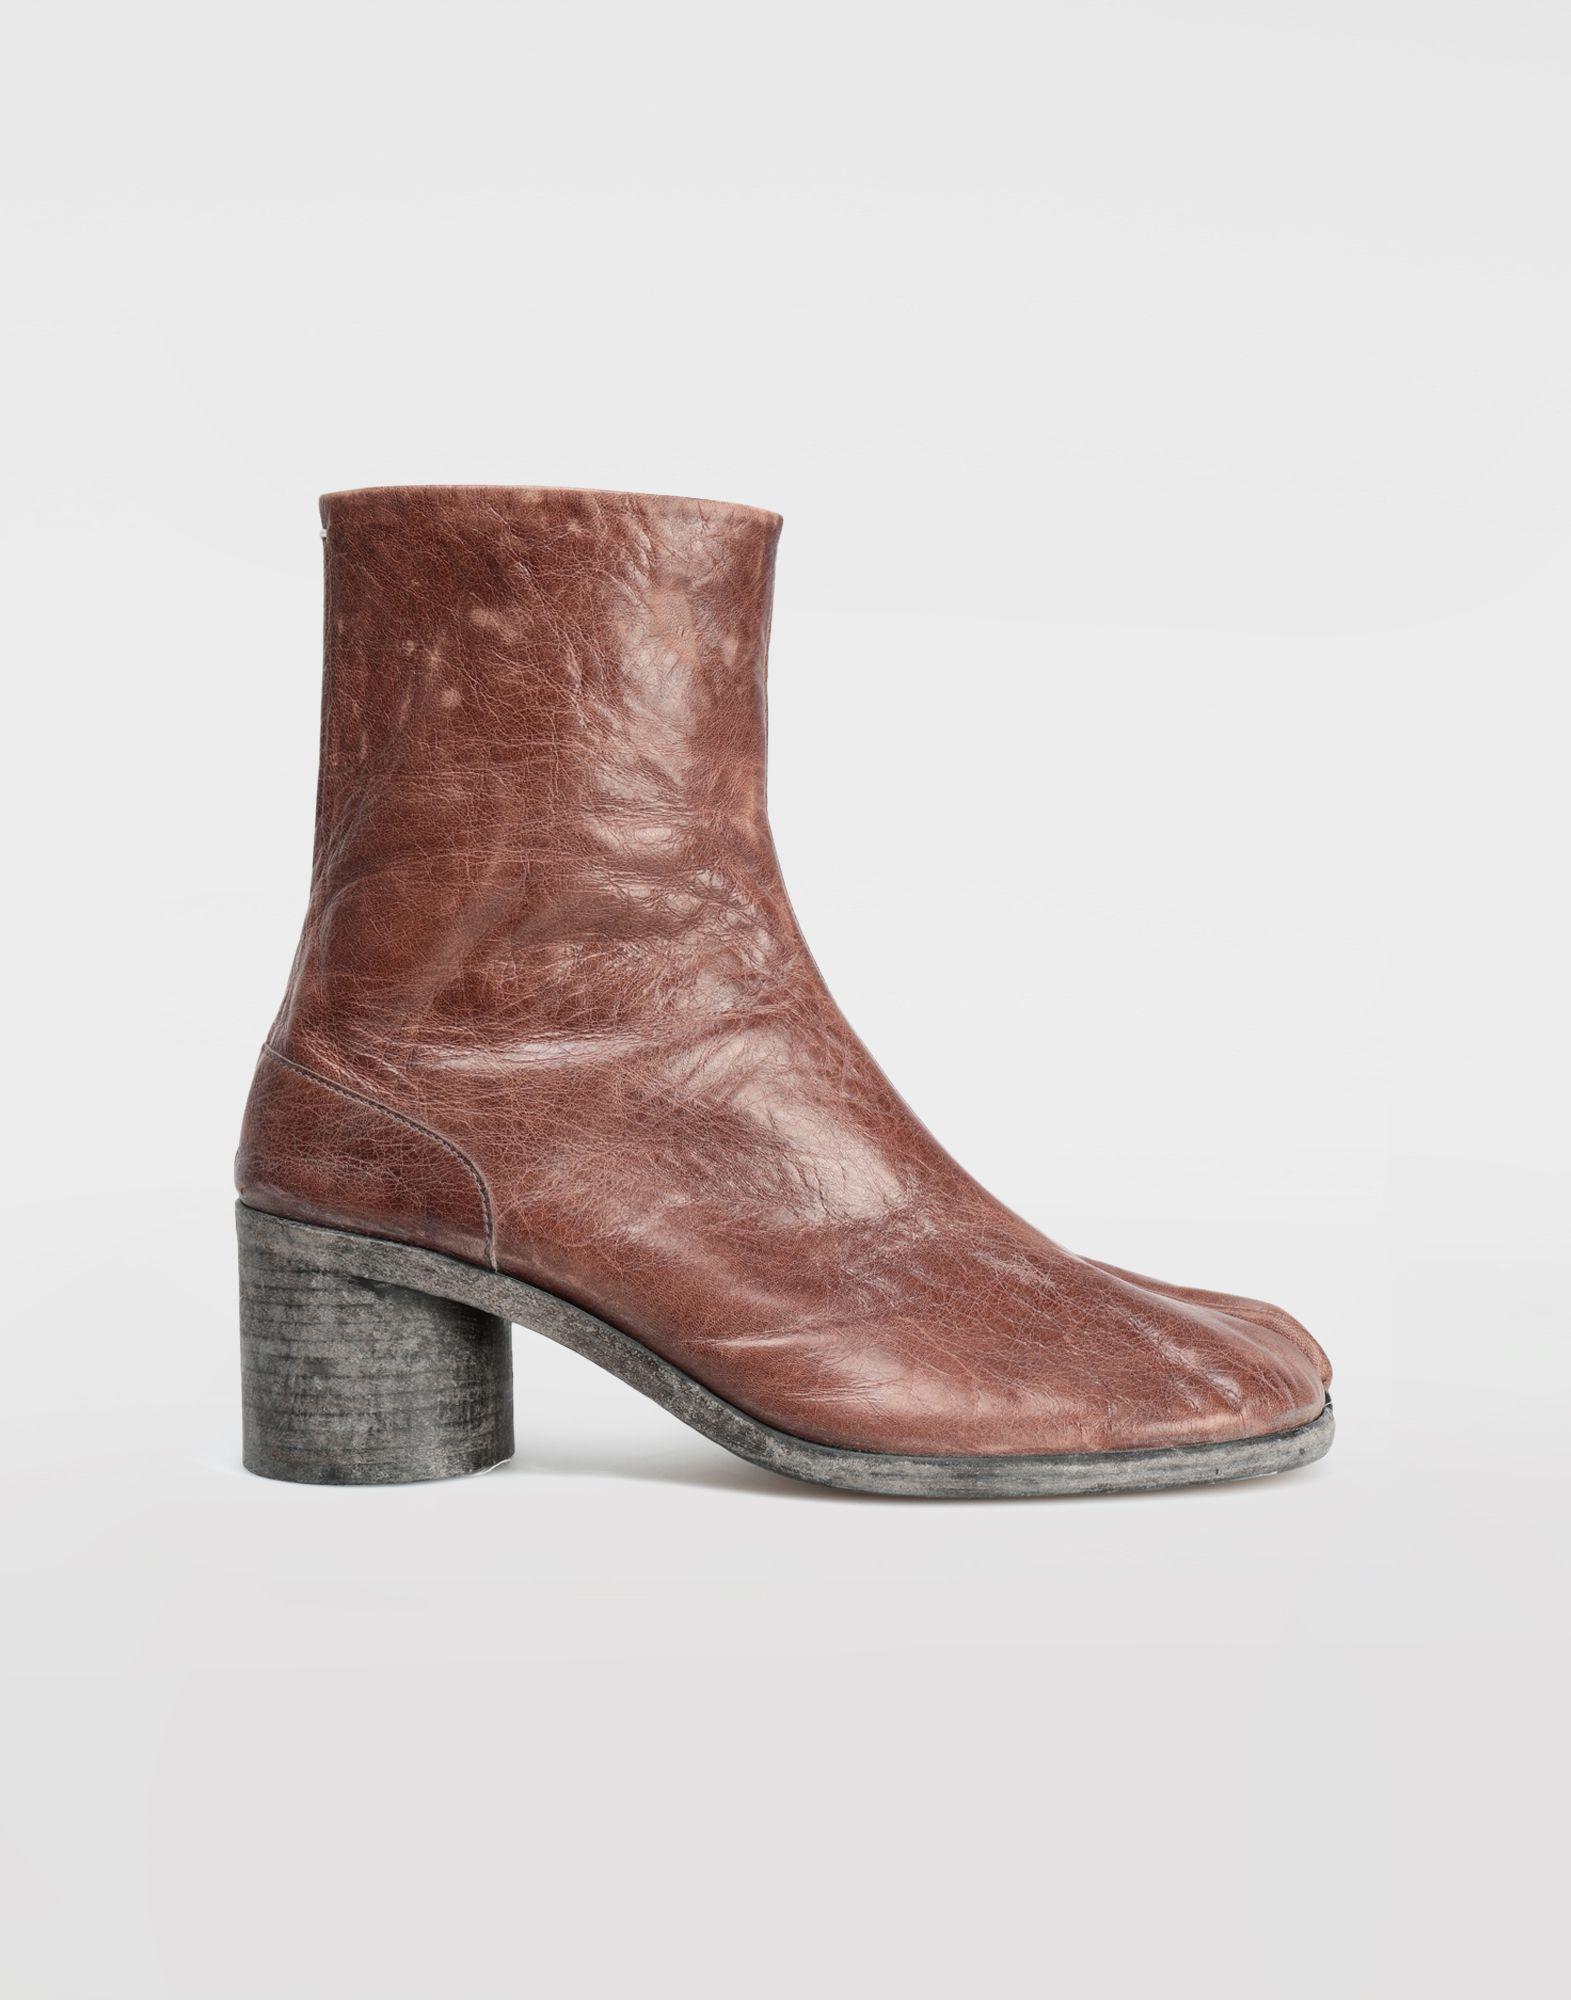 MAISON MARGIELA Stiefeletten Tabi Ankle Boots Tabi Herr f